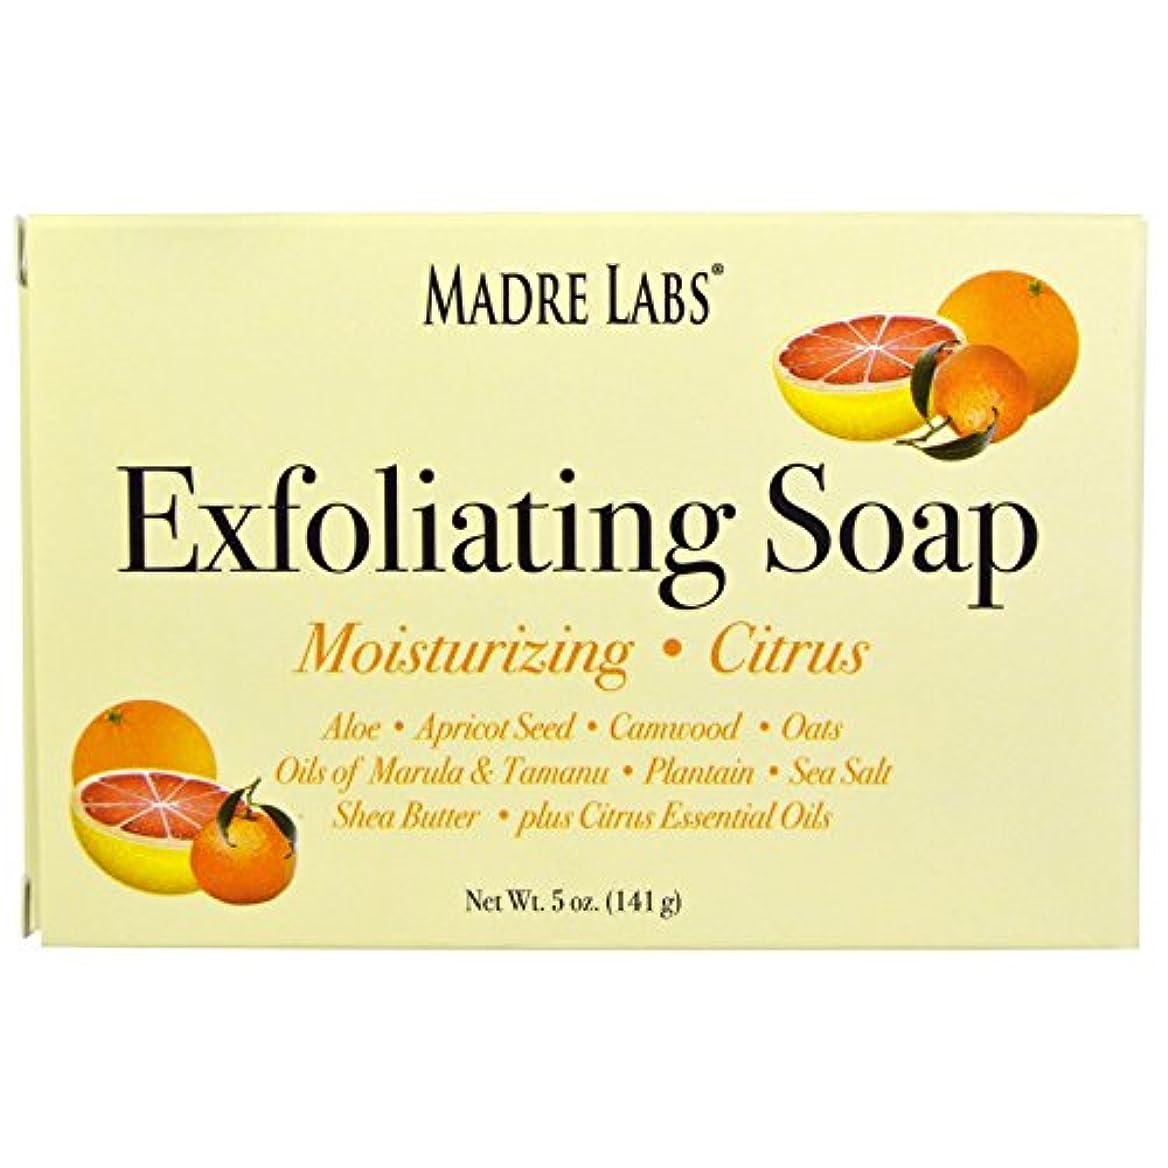 ゴールデンファームエンジニアマドレラブ シアバター入り石鹸 柑橘フレーバー Madre Labs Exfoliating Soap Bar with Marula & Tamanu Oils plus Shea Butter